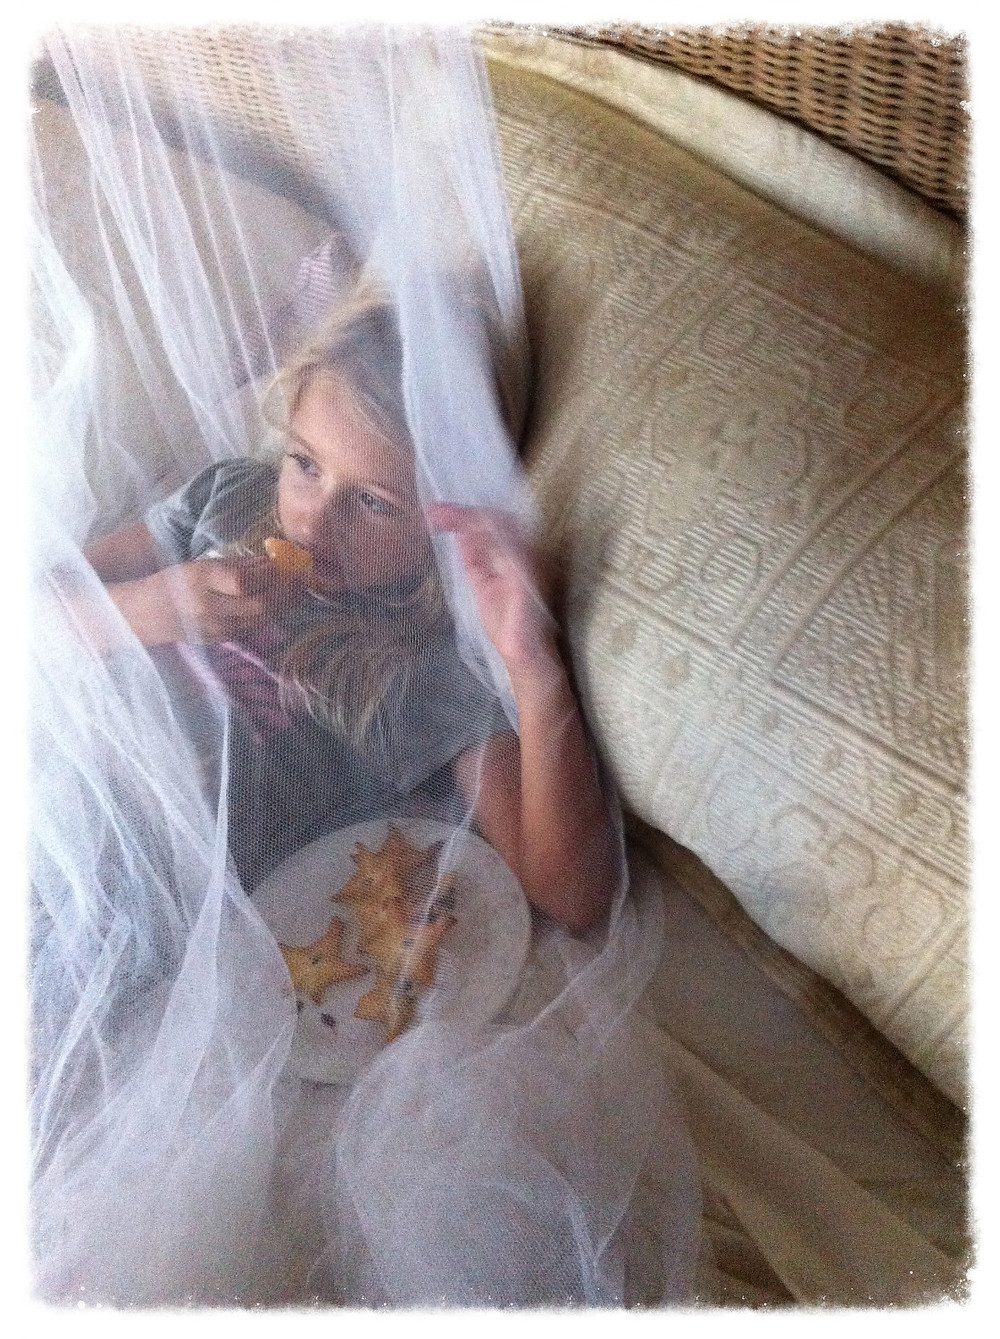 Piper, eating starfruit in her netting